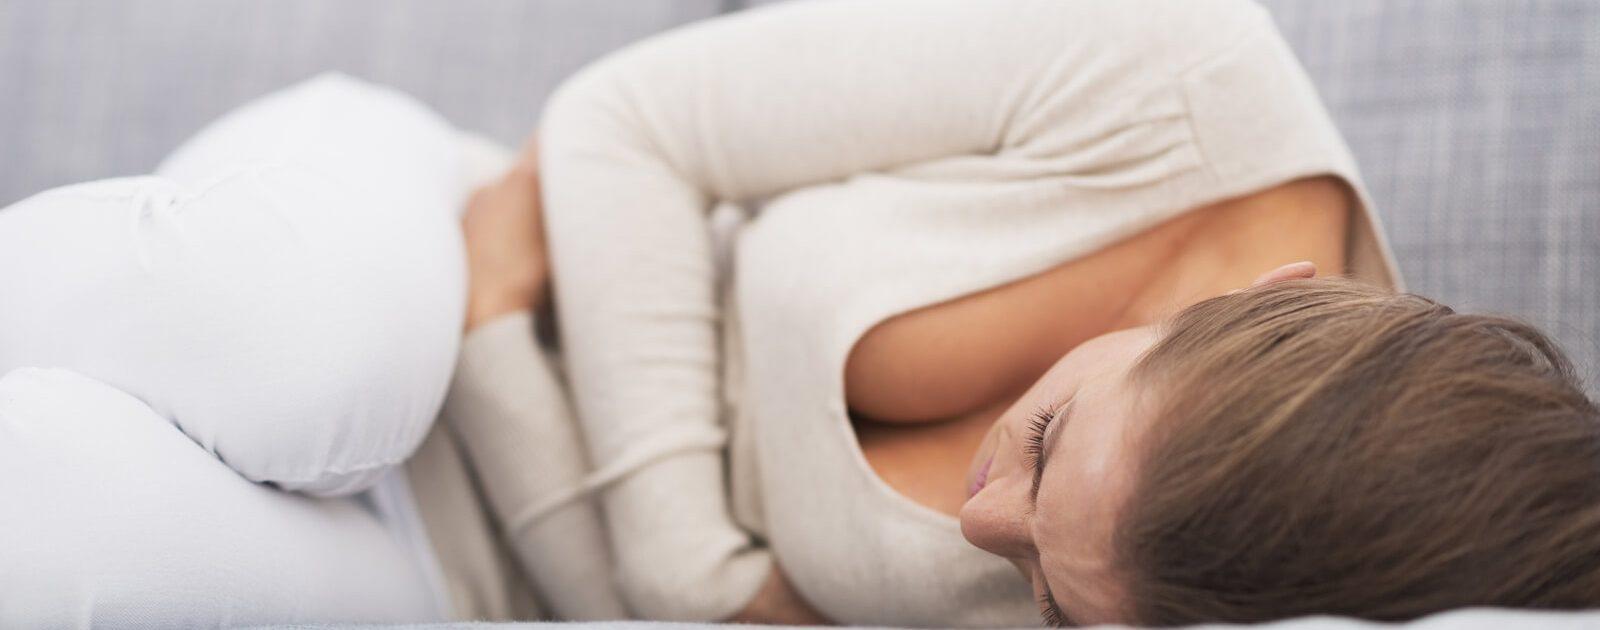 Brechdurchfall ist oft mit einem allgemeinen Krankheitsgefühl verbunden.